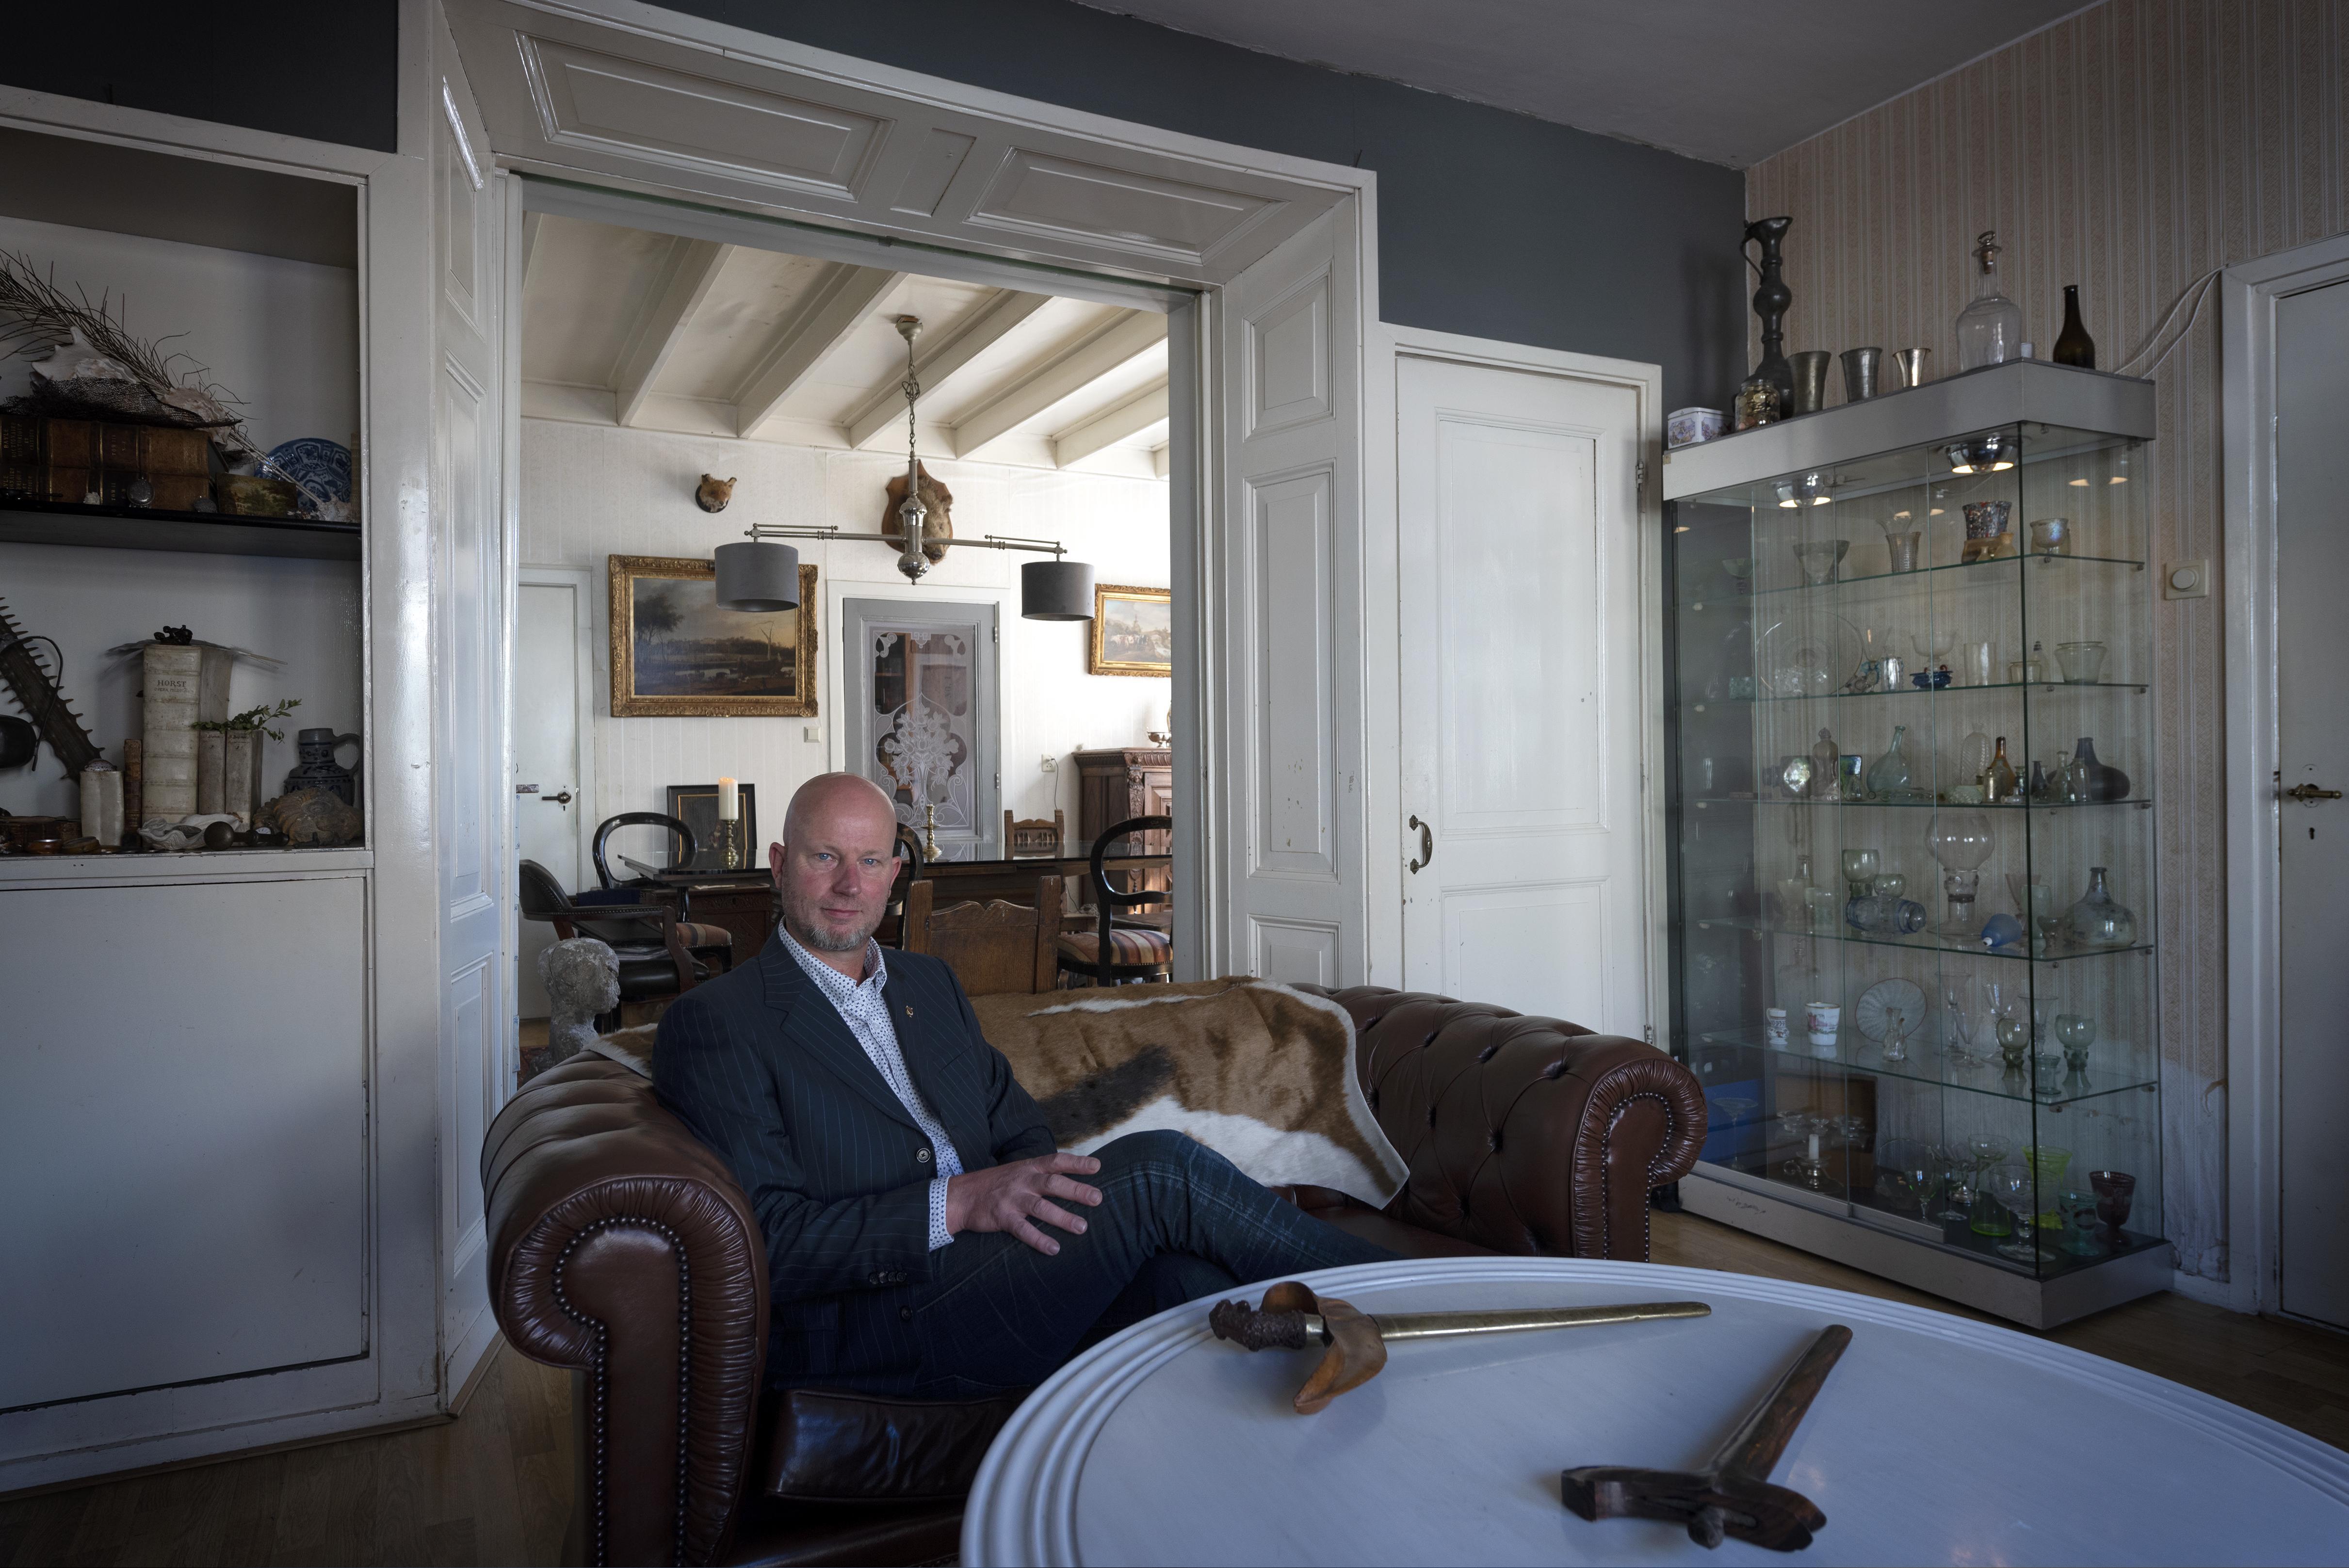 'Je doet het niet om het hebben', vindt  glasverzamelaar (en taxateur) Zoetmulder